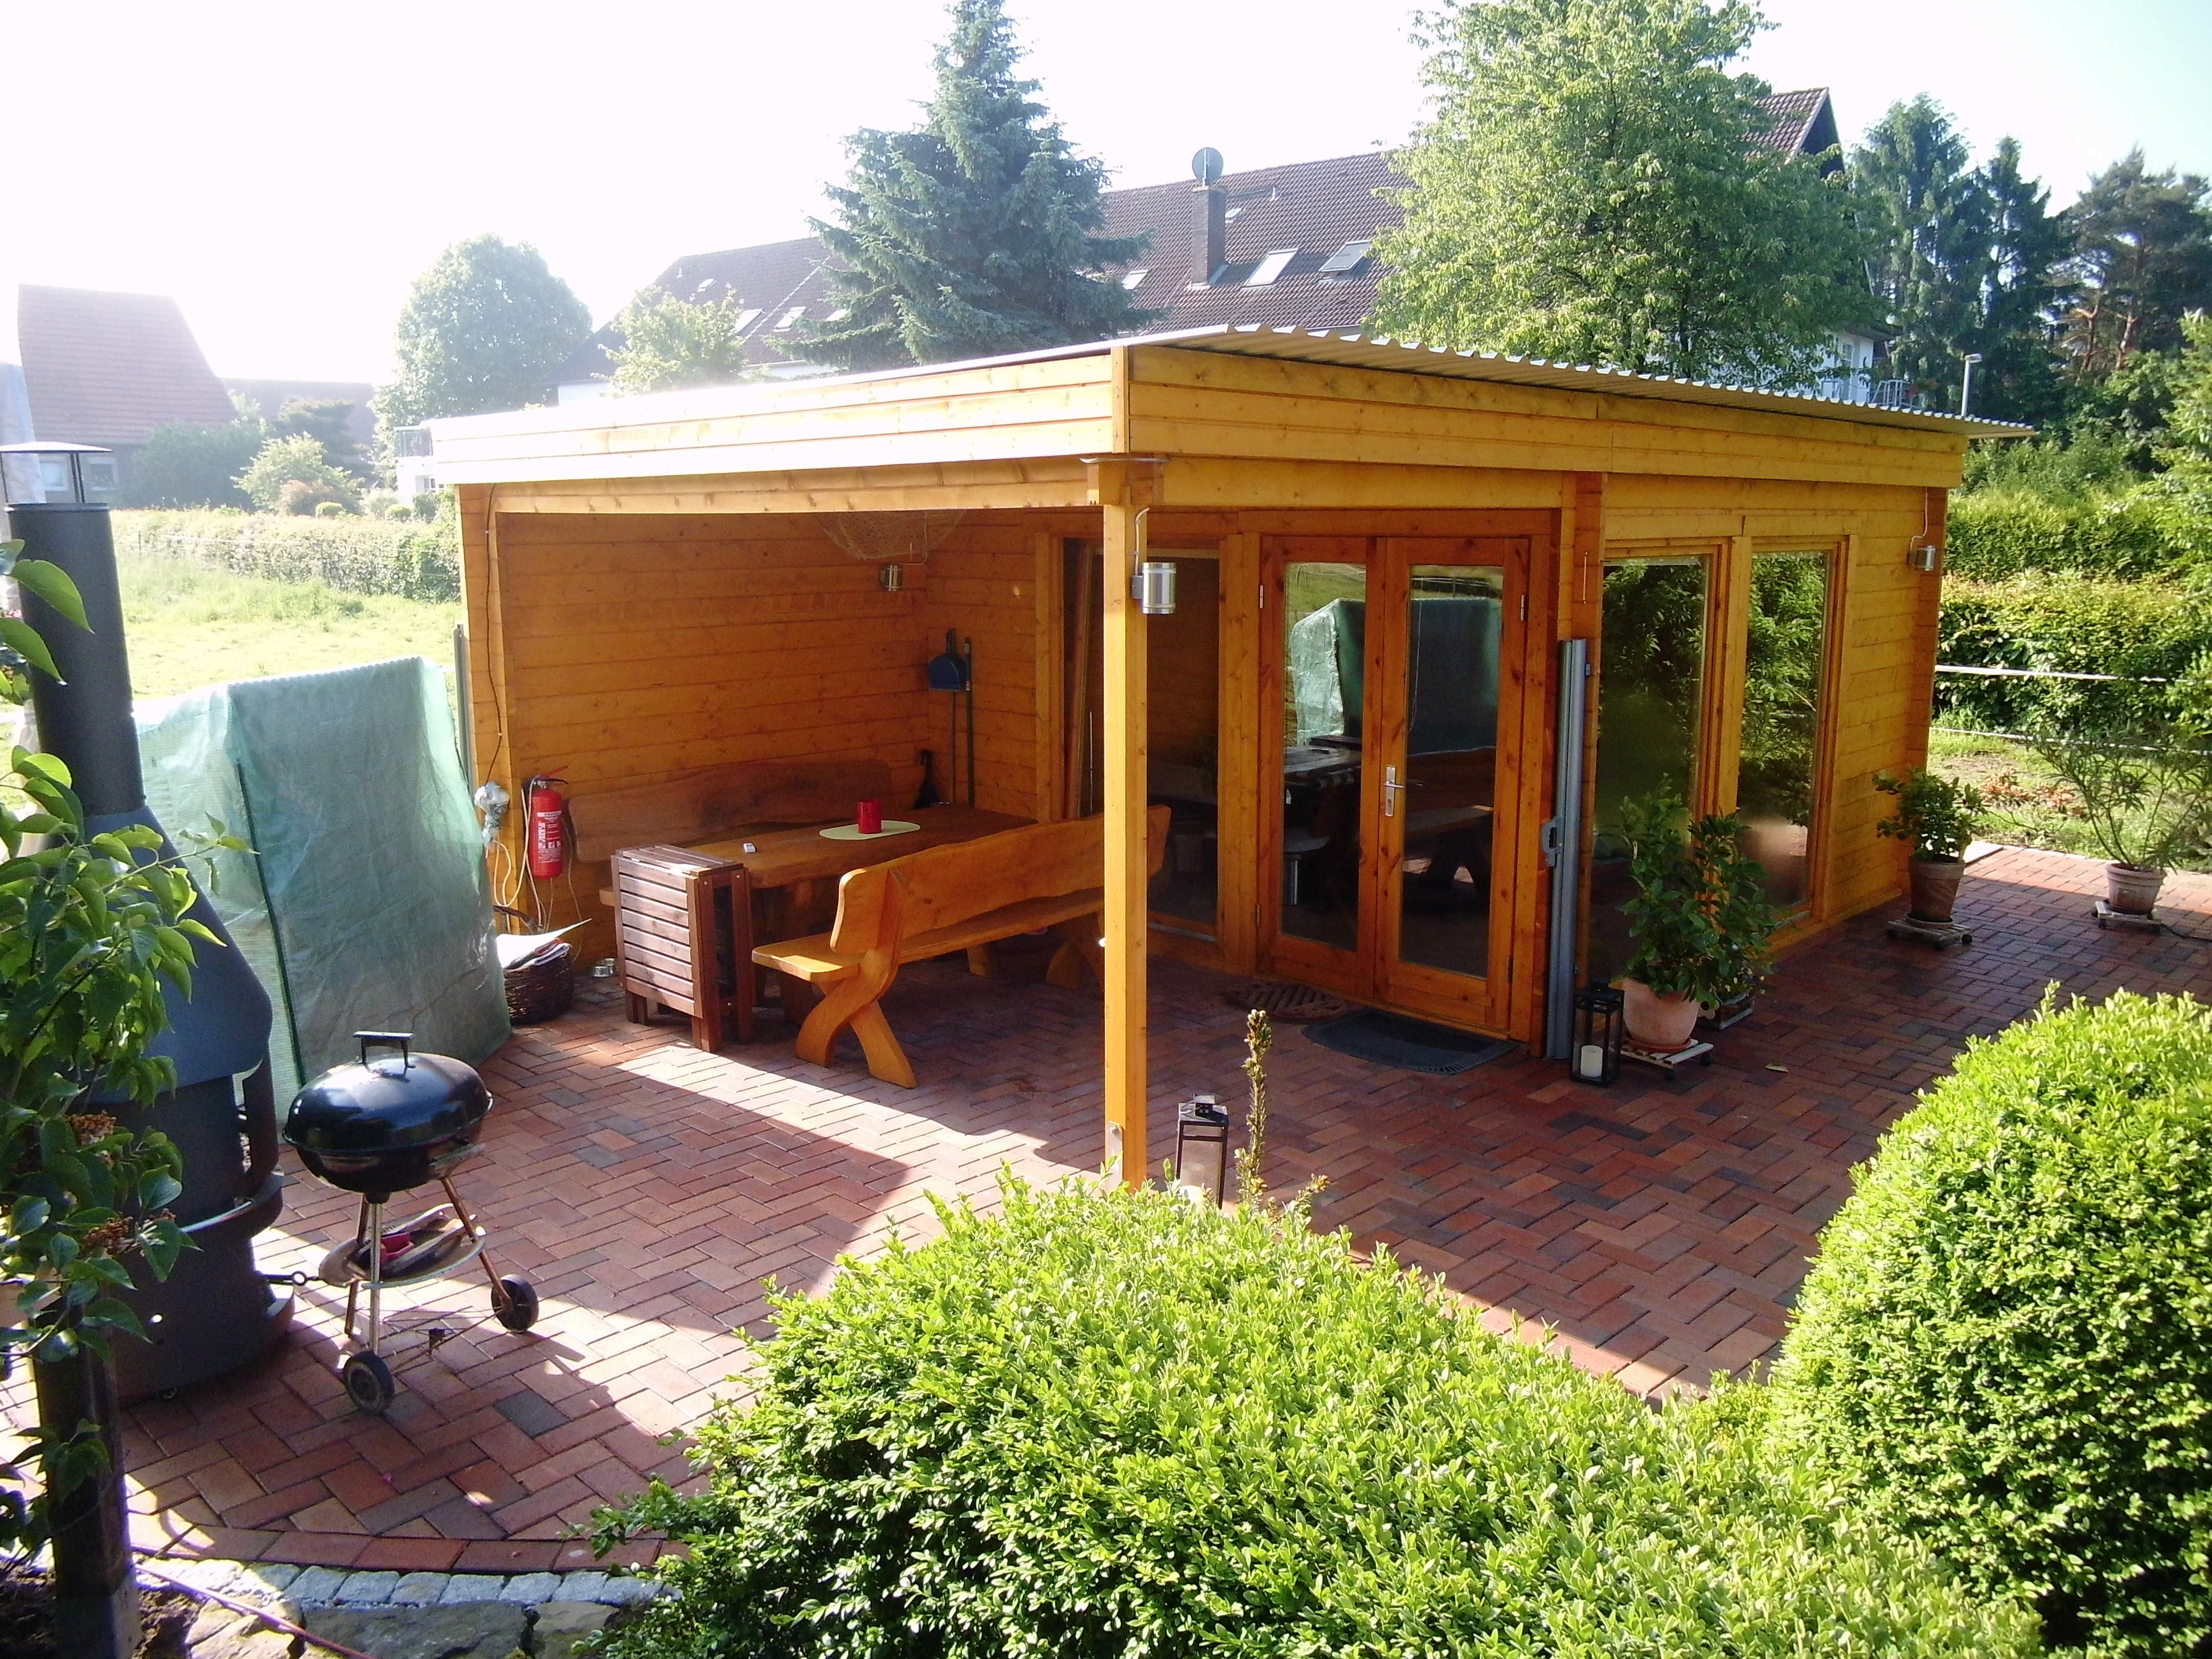 Garten Sitzecke überdacht Gartengestaltung 12 Tipps Rund Um Die